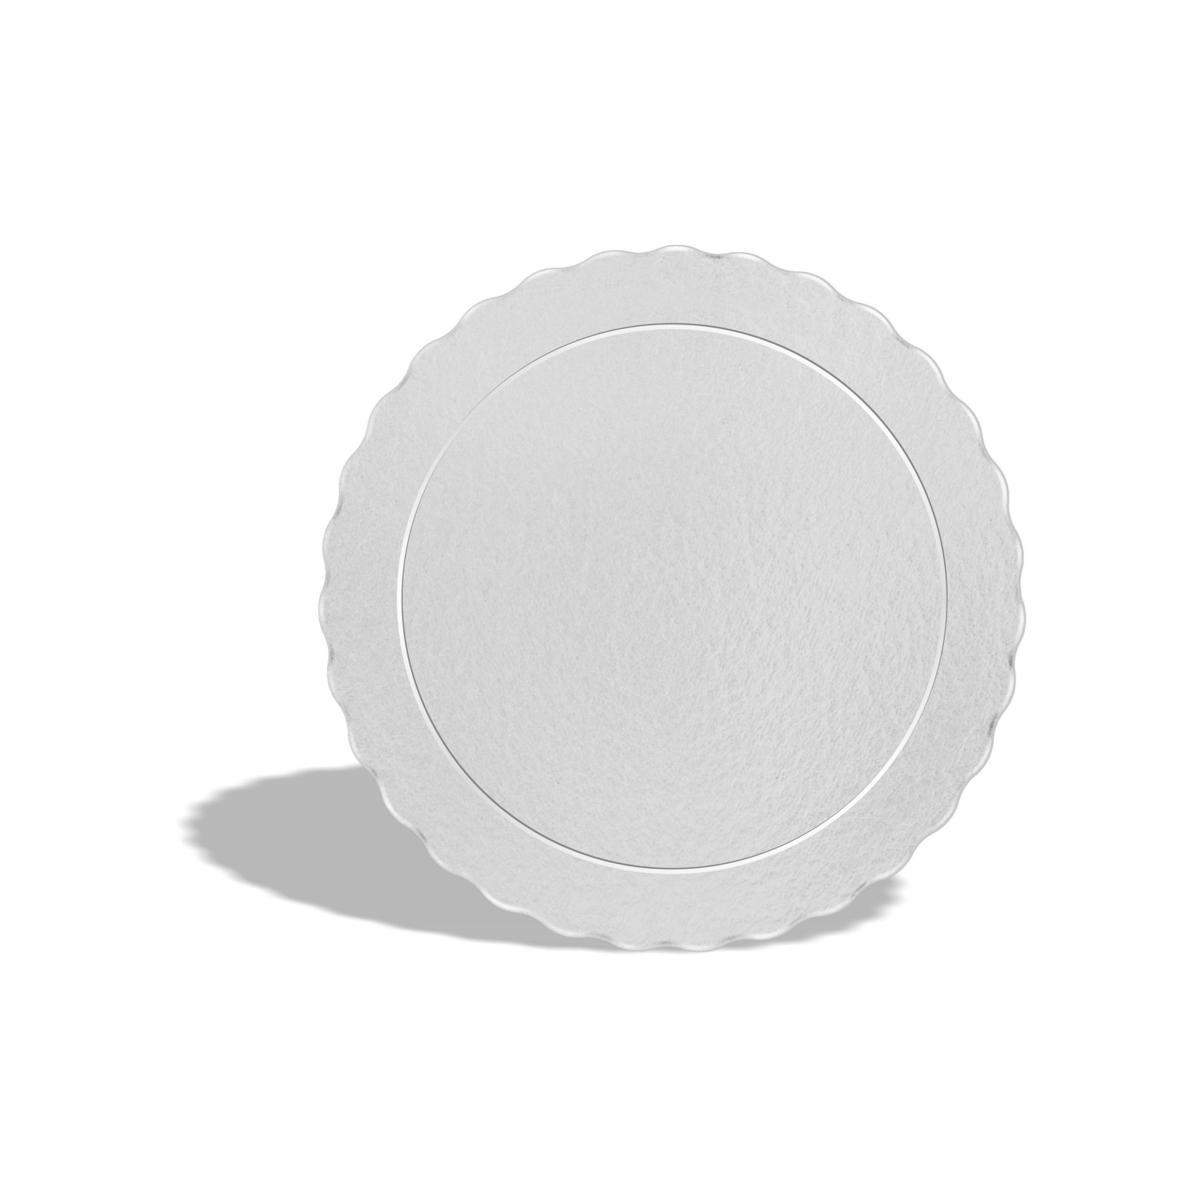 50 Bases Laminadas Para Bolo Redondo, Cake Board 24cm - Branco